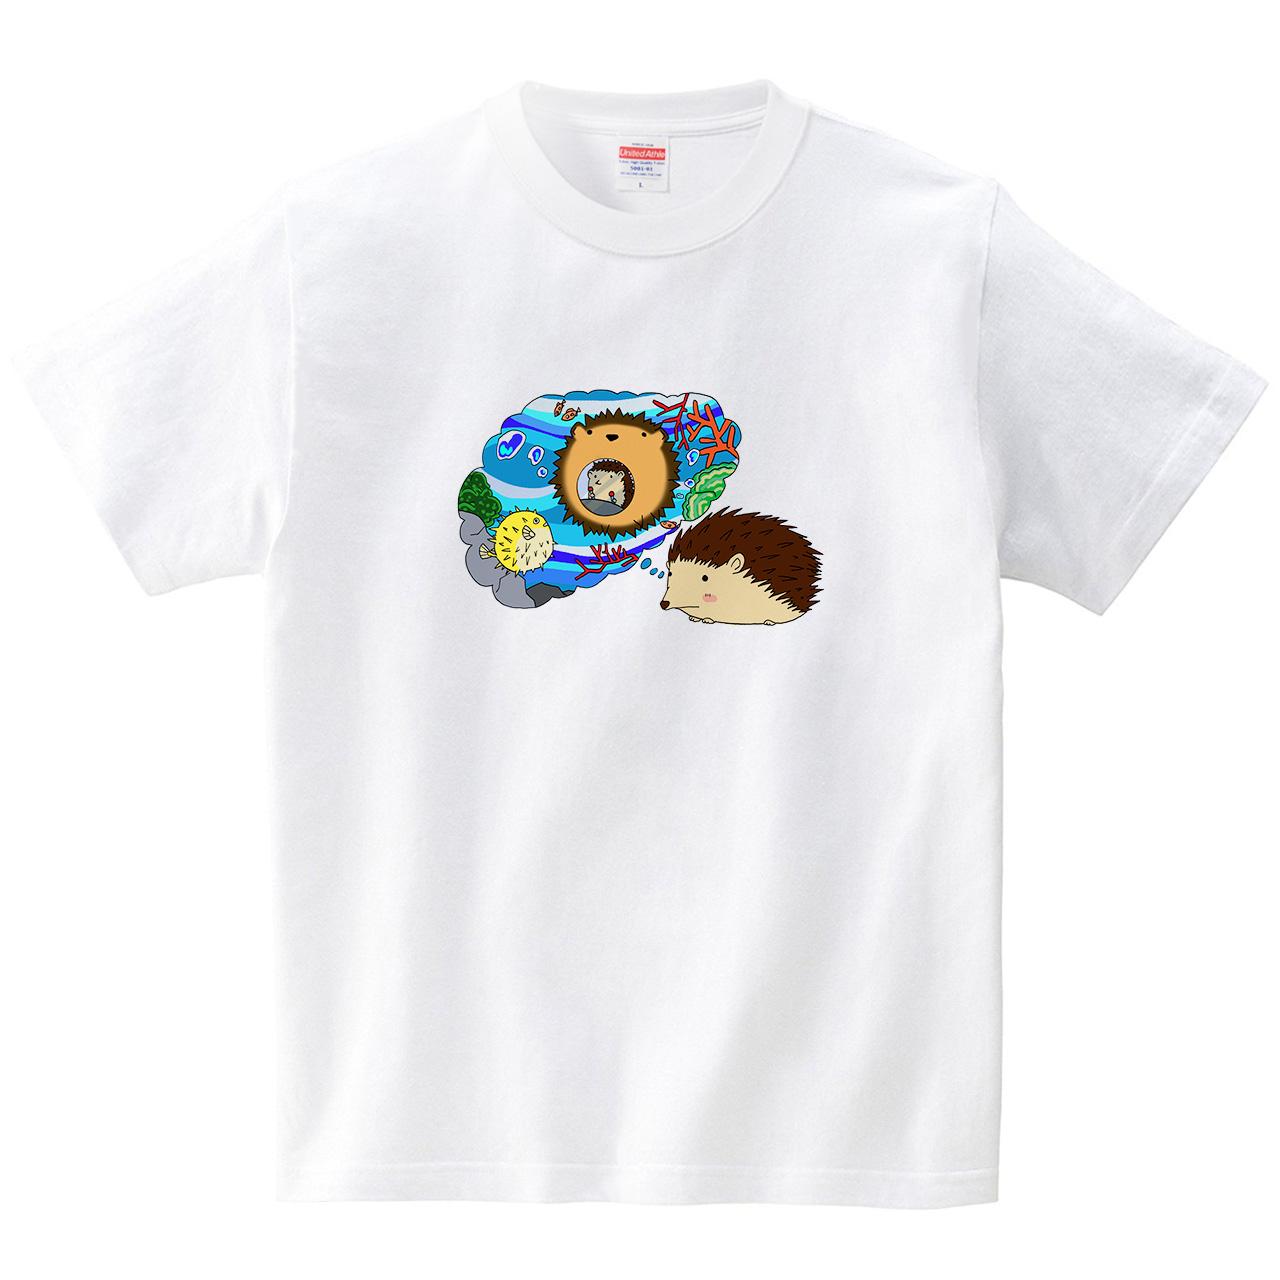 ハリネズミドリーム(Tシャツ・ホワイト)(あおまんぼう)